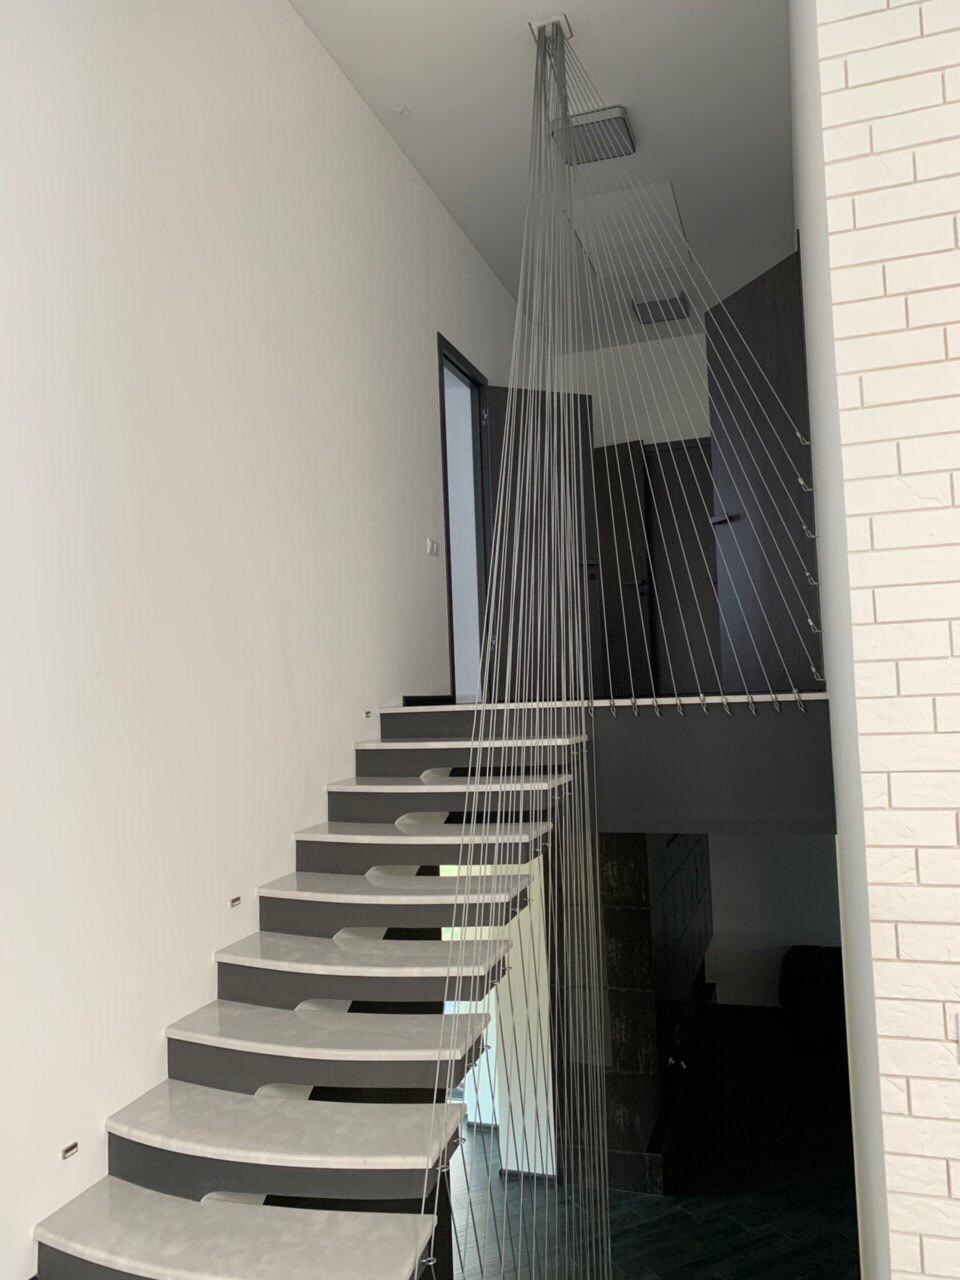 Сходи конструкції пристінний косоур з форменими ступенями 3